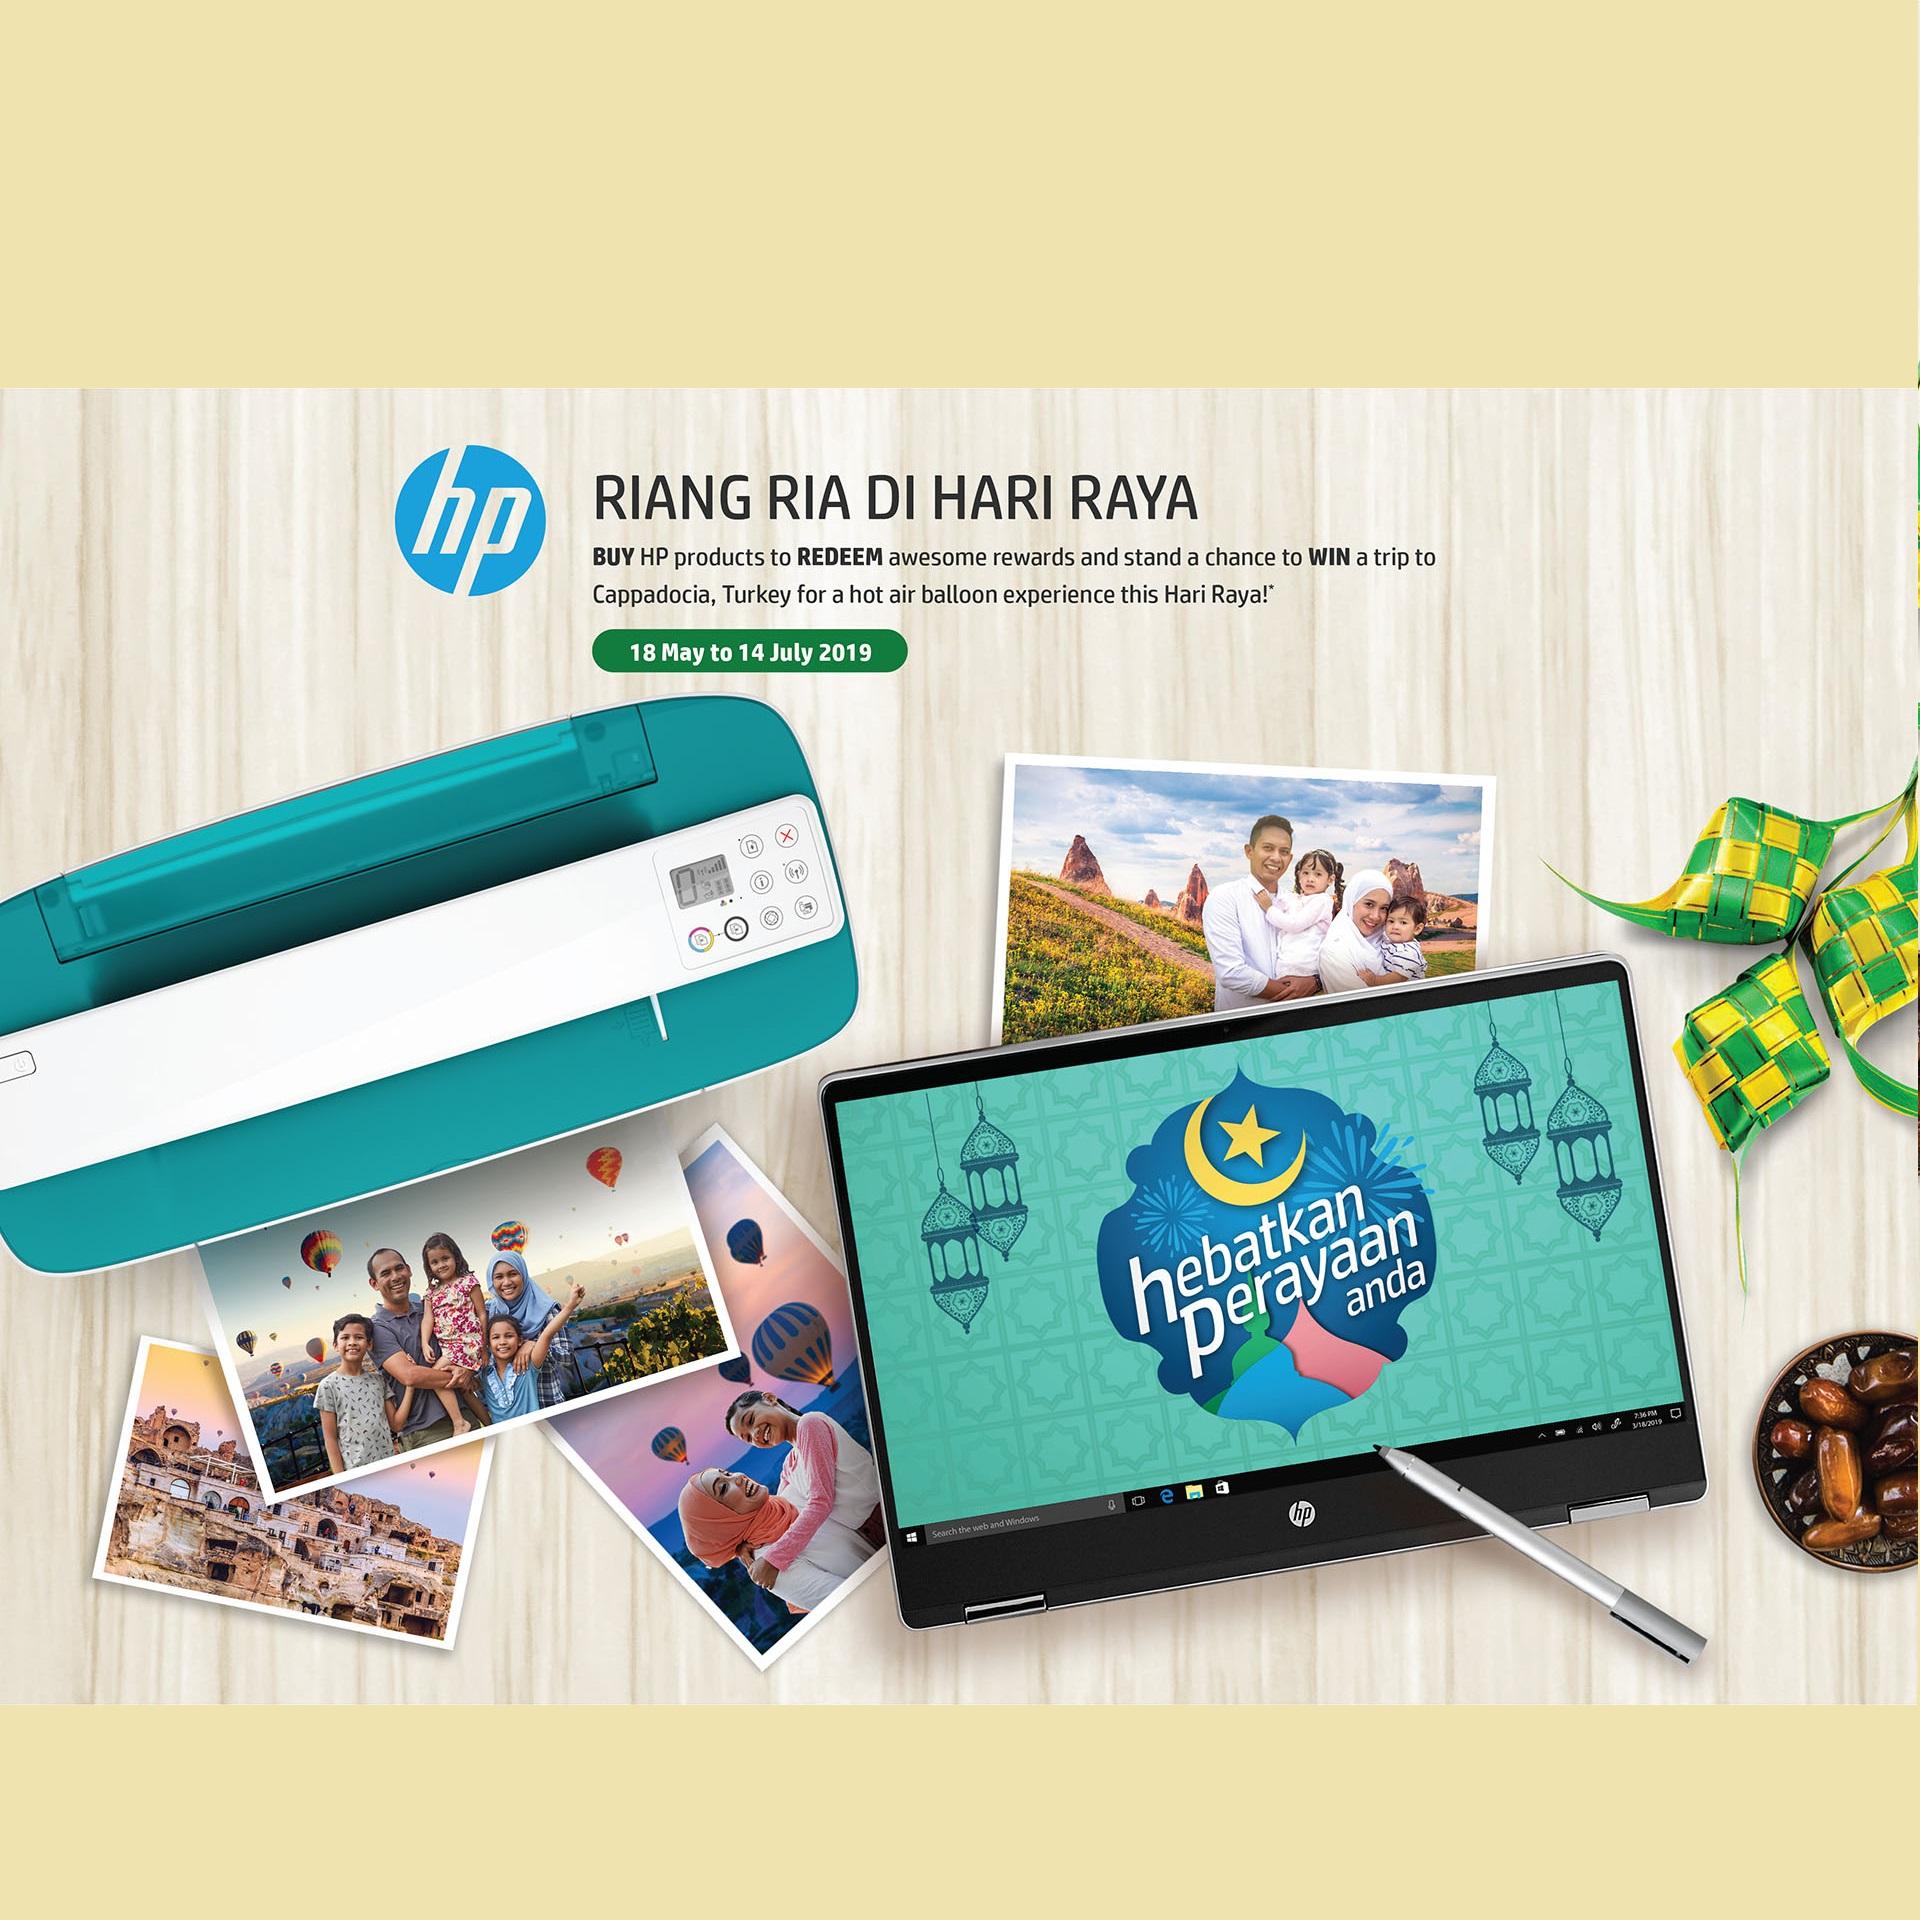 REDEEM REWARDS FOR RIANG RIA DI HARI RAYA